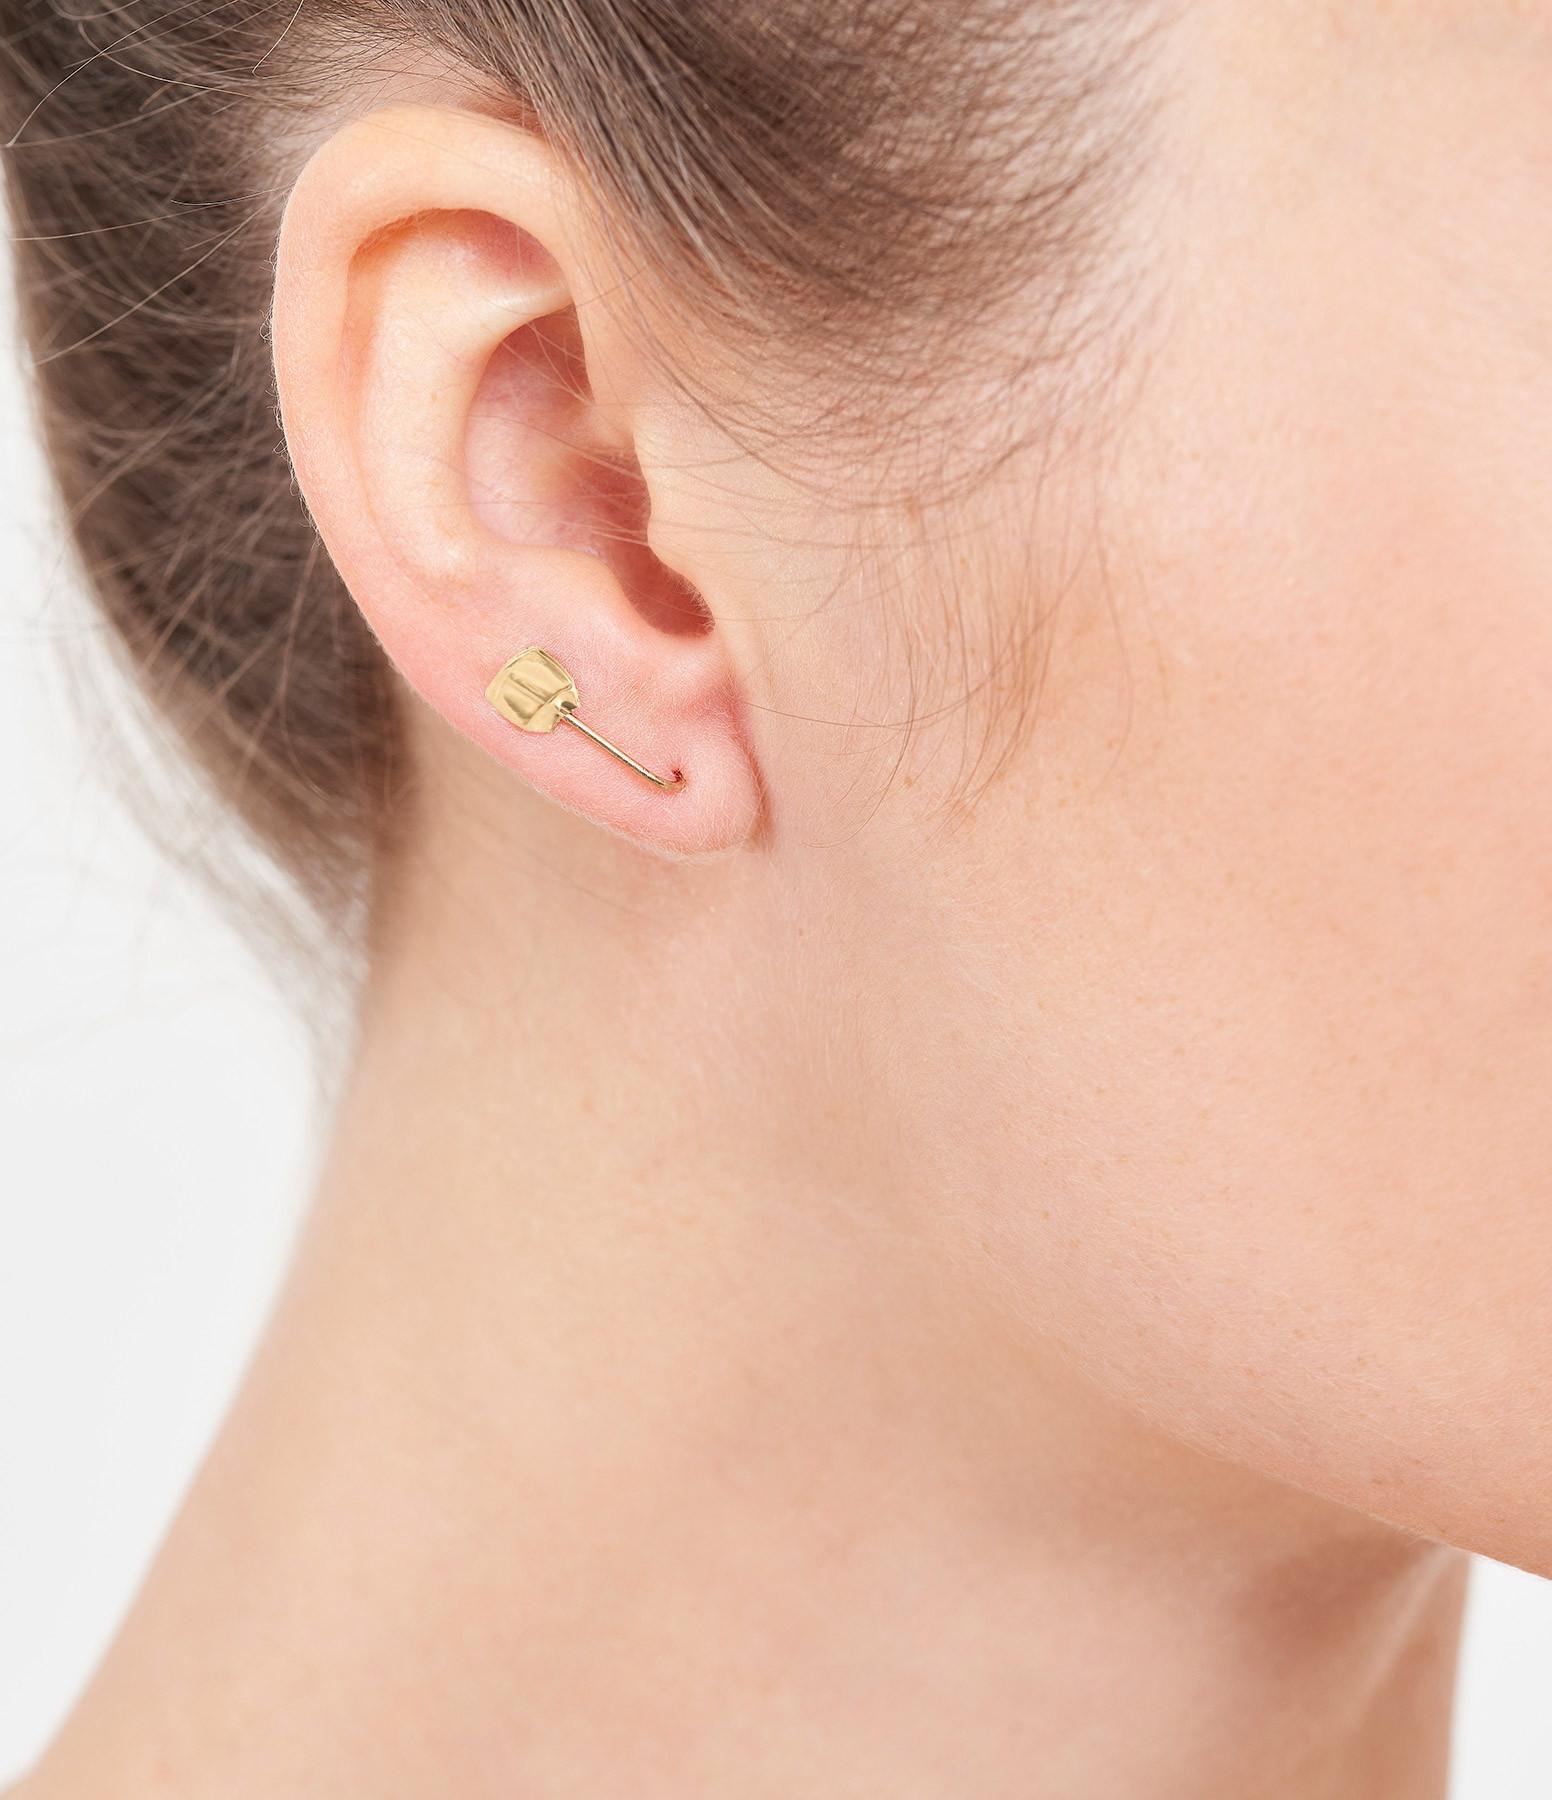 LSONGE - Boucle d'oreille Sublime Pépite Or (vendue à l'unité)